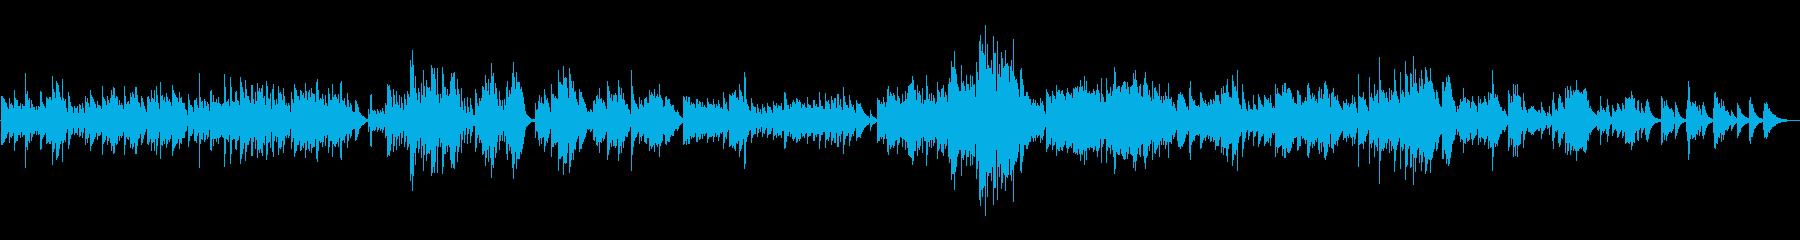 メロディの美しいハープソロ『悲愴ソナタ』の再生済みの波形